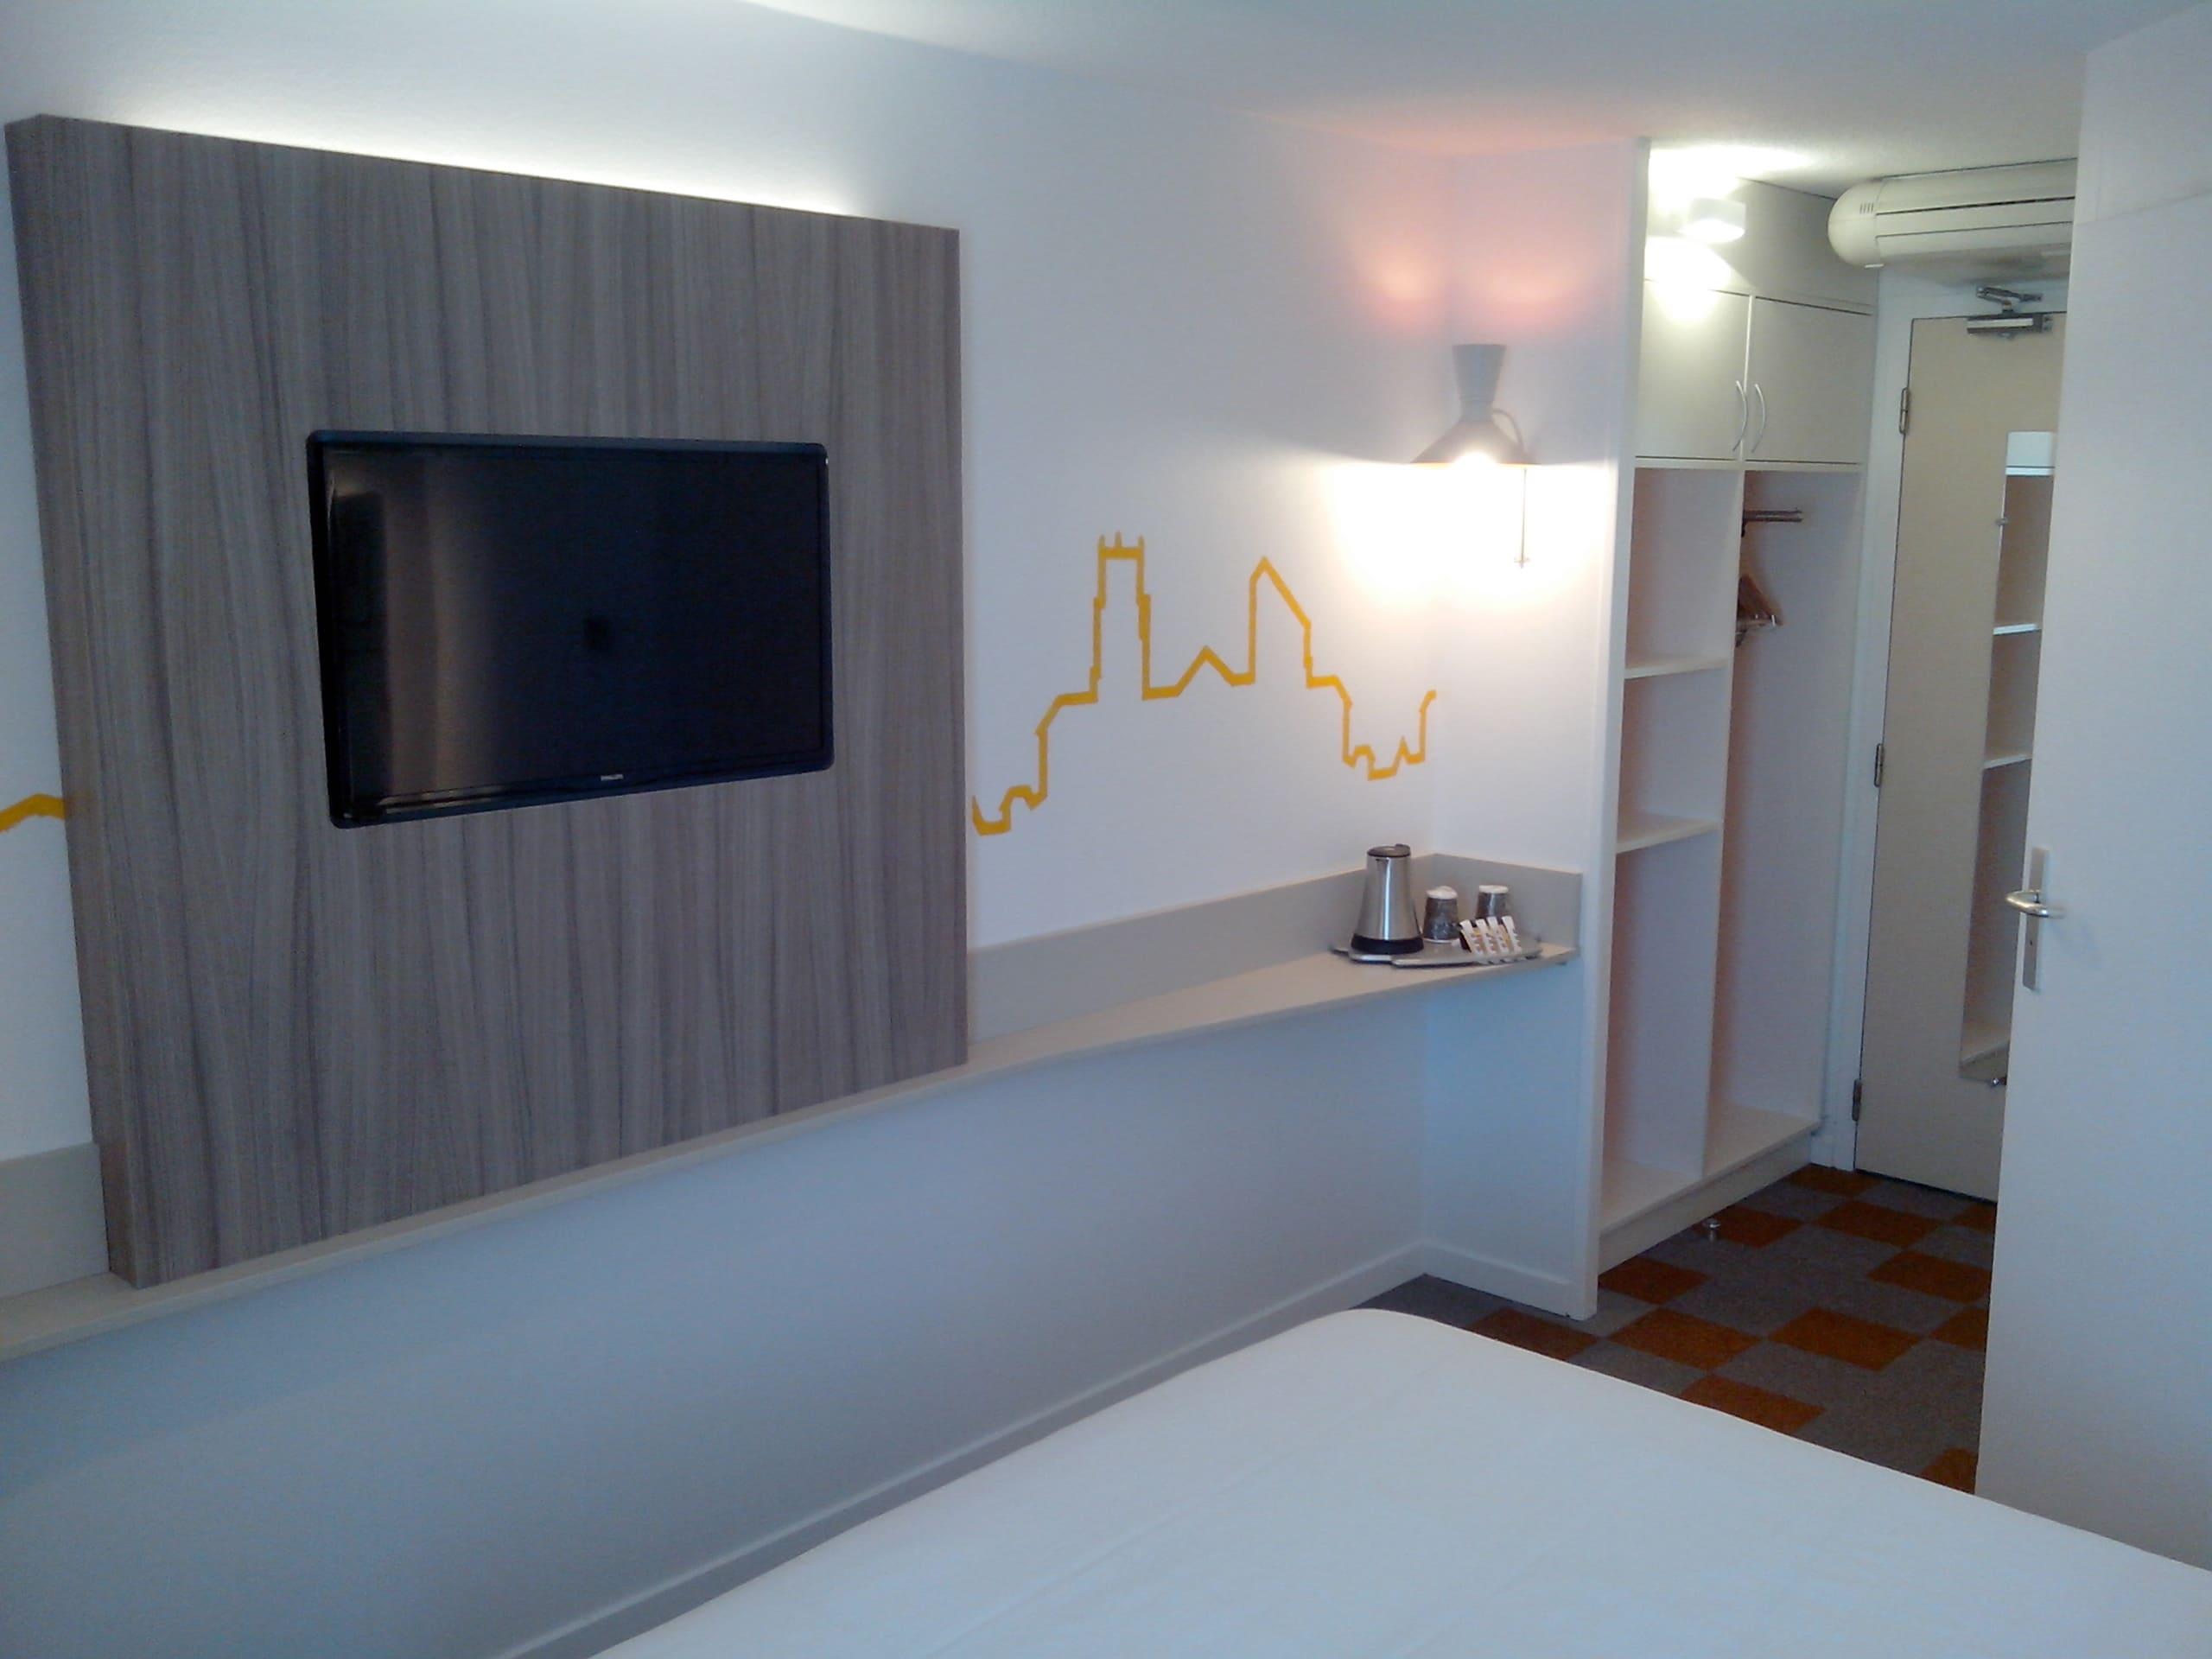 Chambre de l'Hôtel Comfort à Albi avec décorations jaunes sur les murs